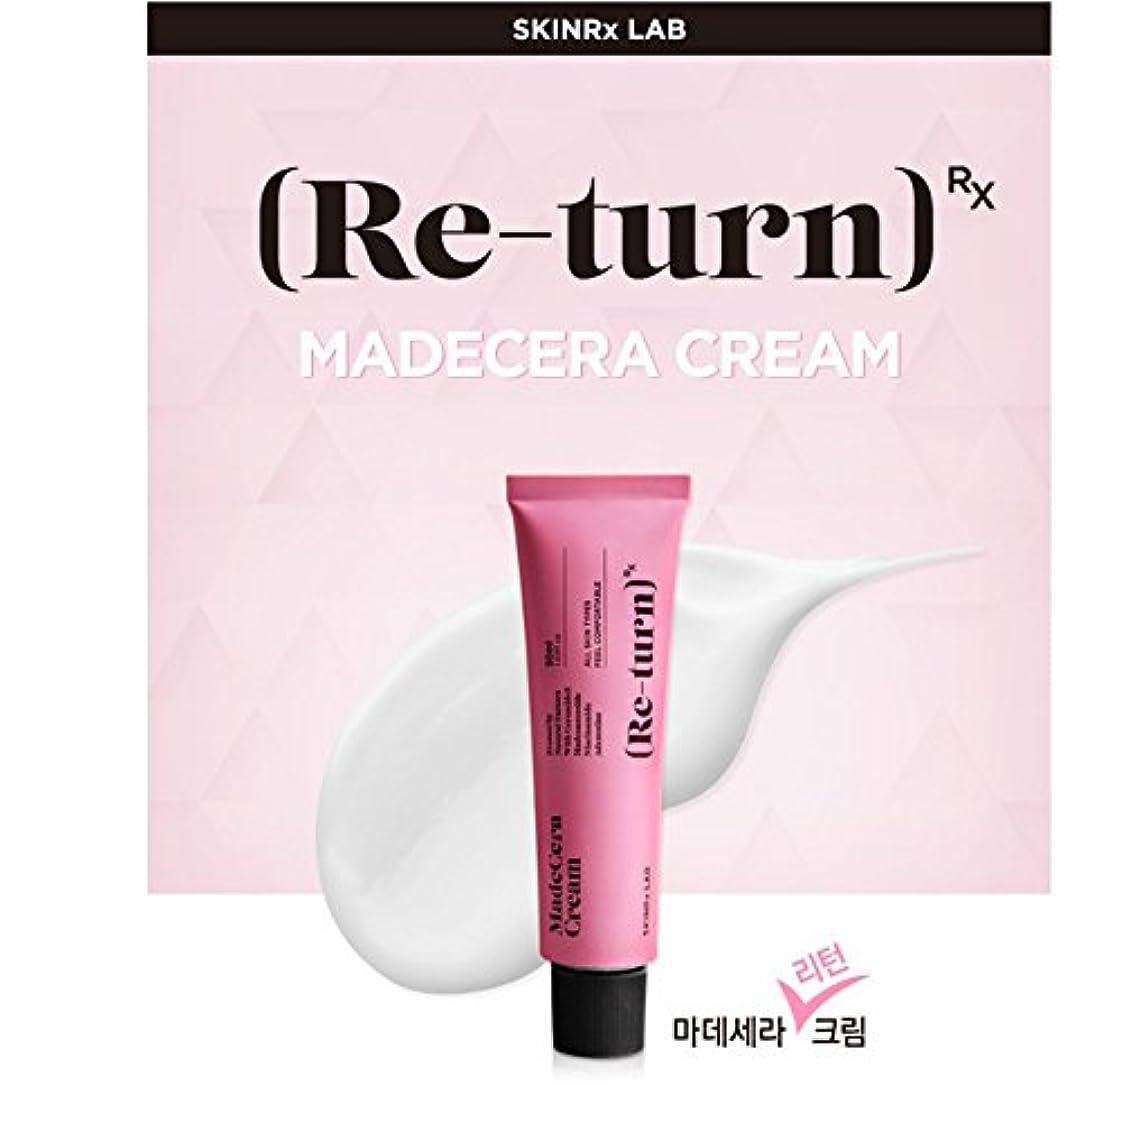 サスティーンコンクリート耐久スキンアルエクスラップ マデセラ リターン クリーム 50ml / SKINRxLAB MadeCera Re-turn Cream 50ml (1.69oz)